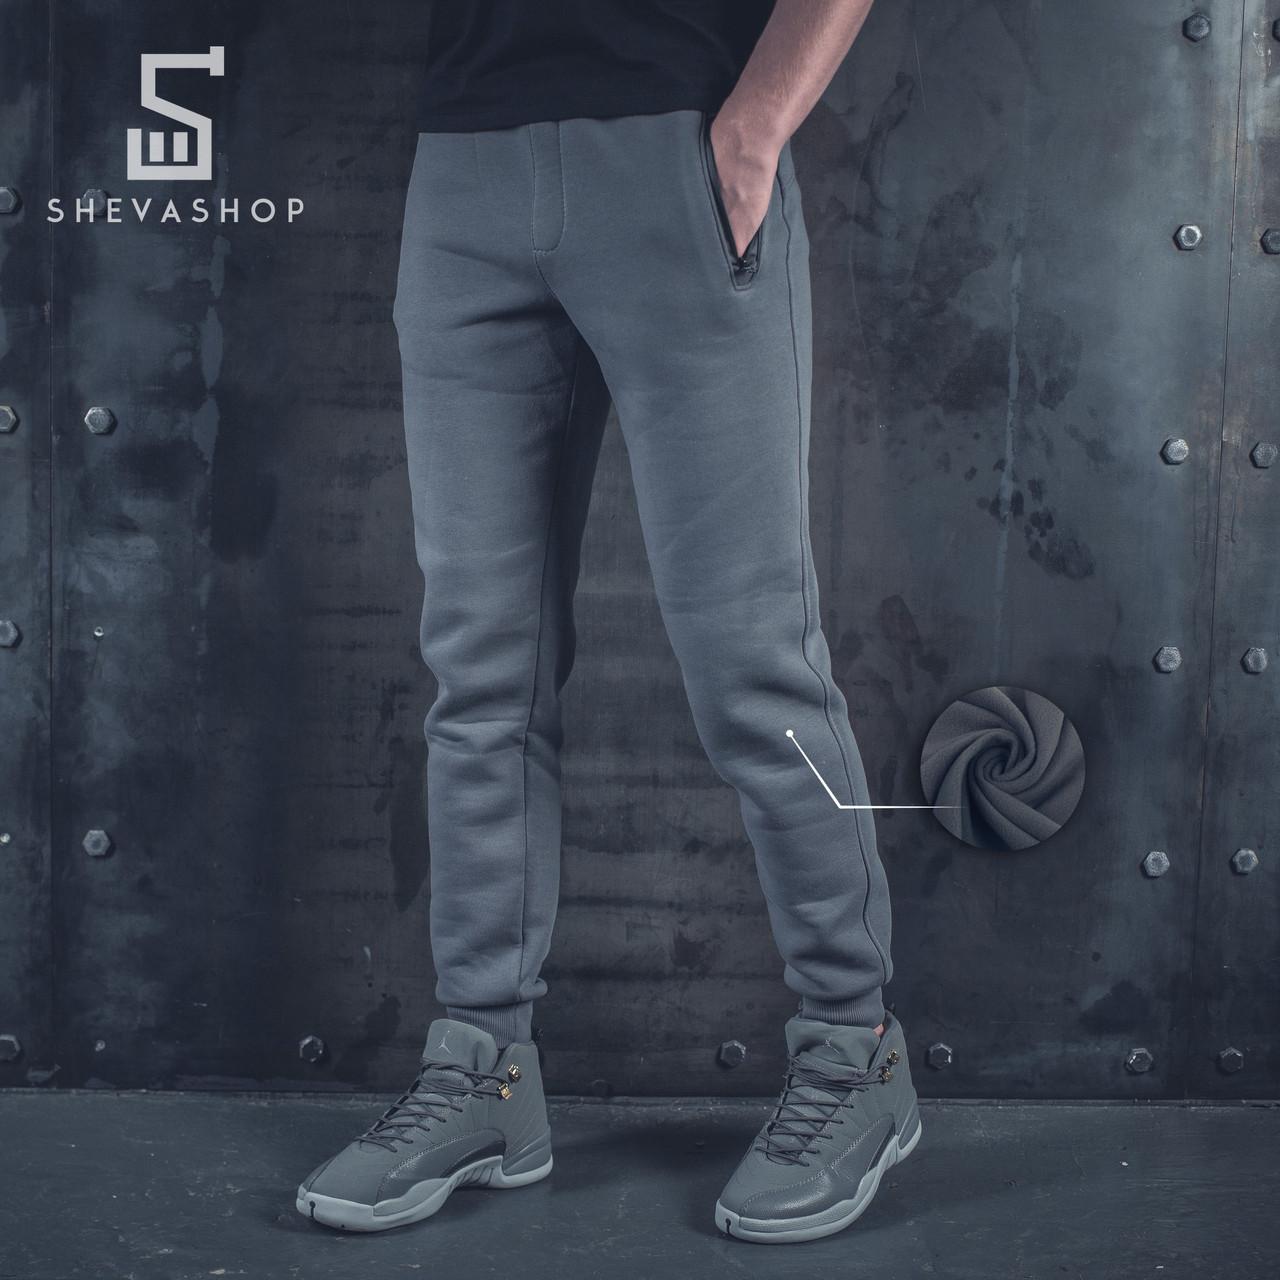 e8537dc6 Теплые спортивные штаны BeZet '19 серые - купить по лучшей цене в ...